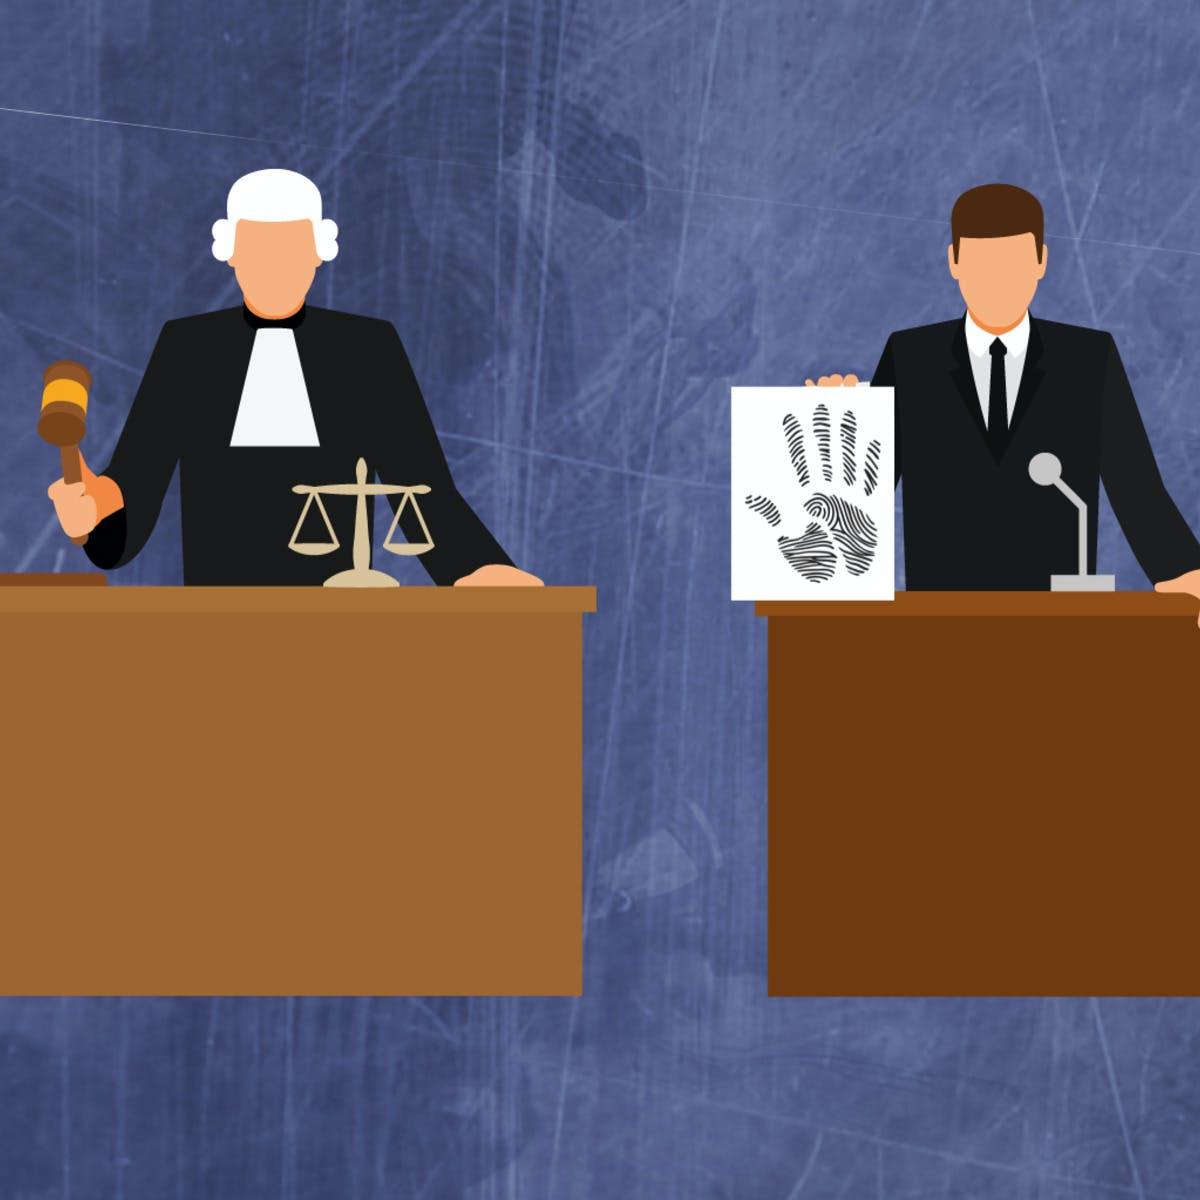 La science forensique au tribunal: témoin digne de foi ?